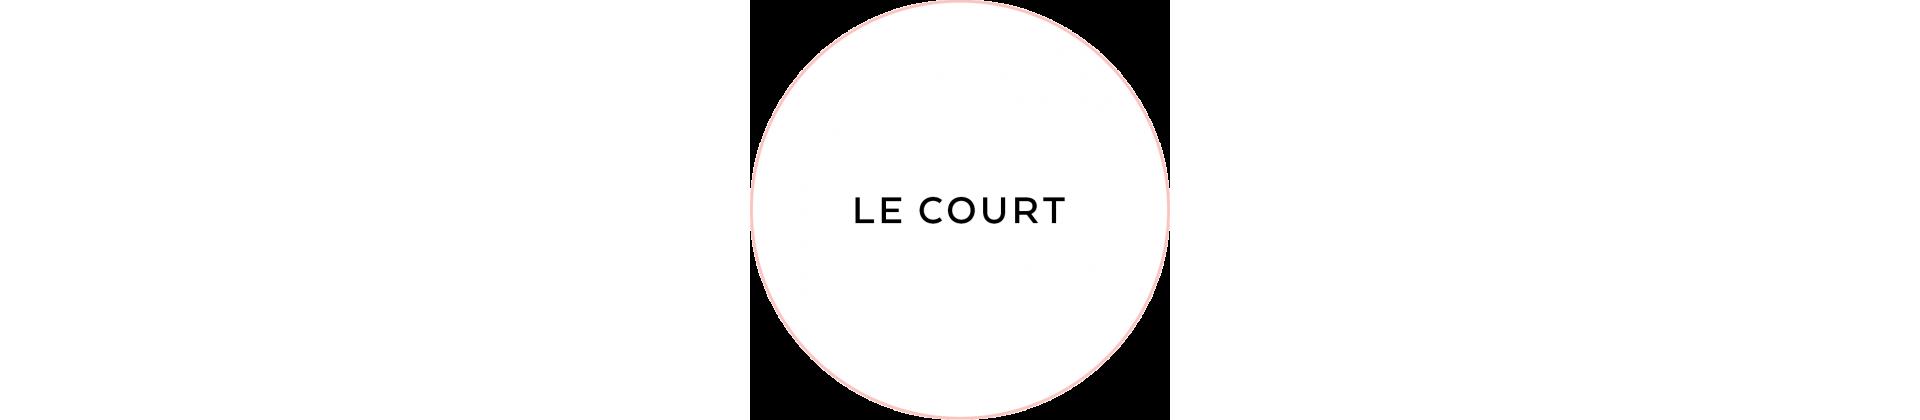 Le Court